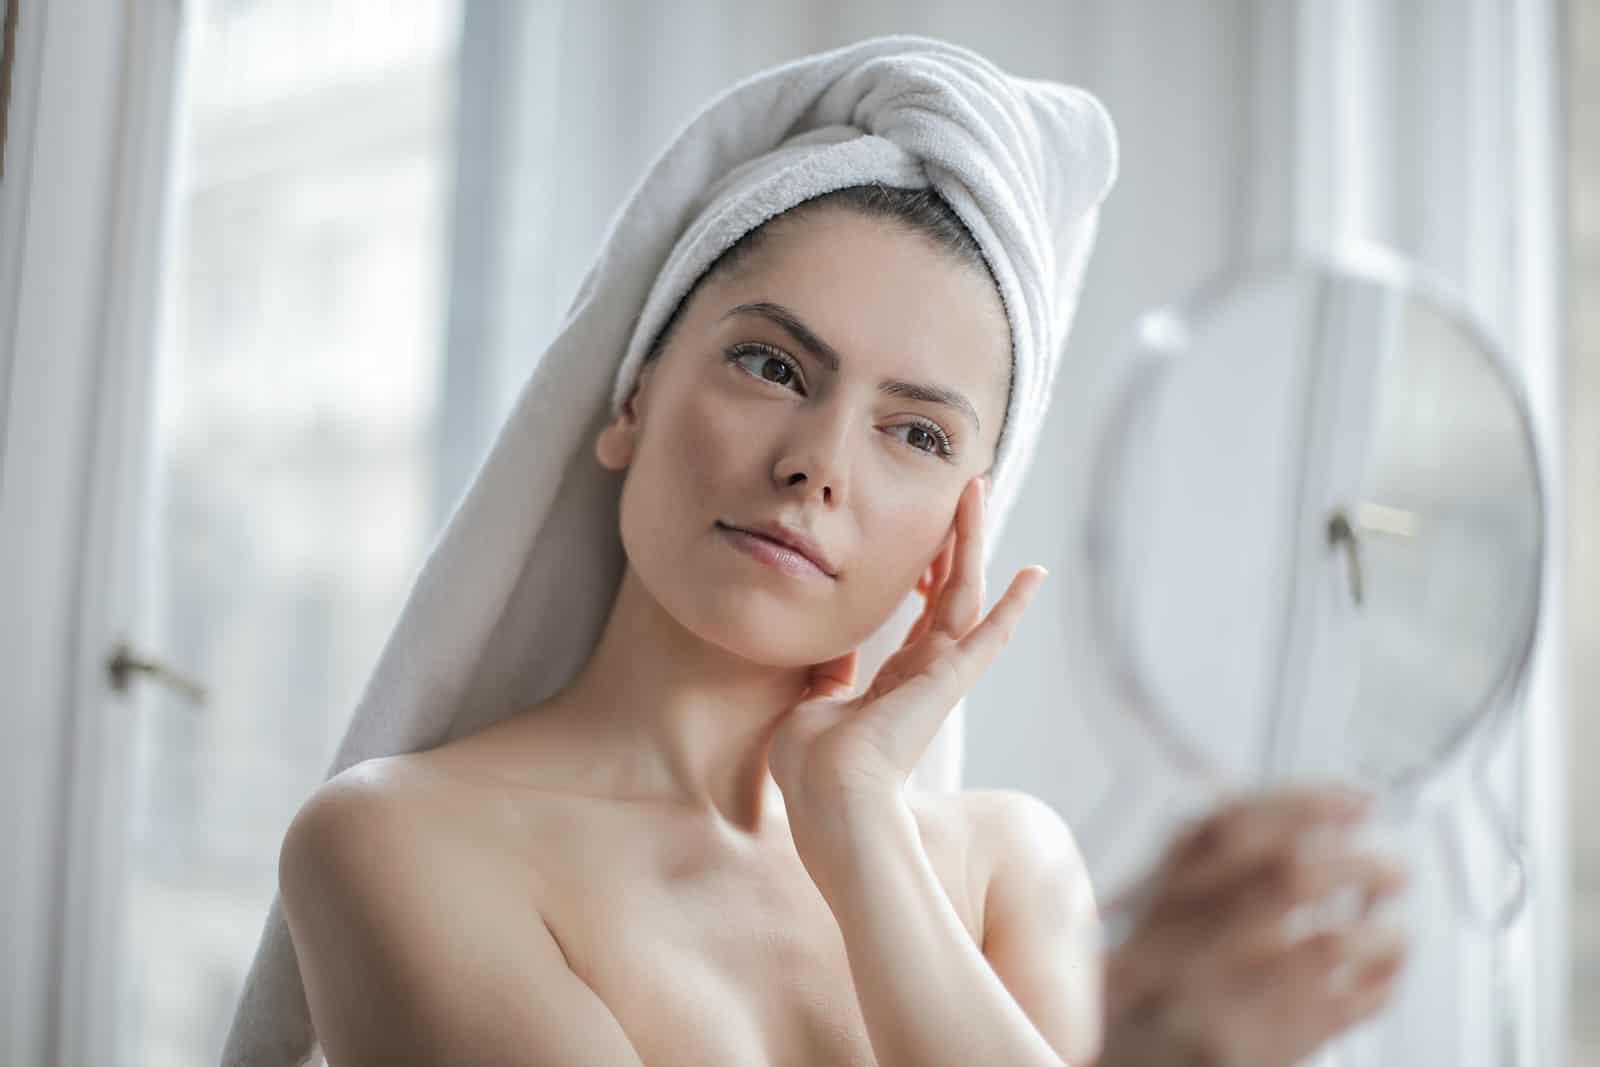 eine Frau, die sich in den Spiegel schaut und das Gesicht mit der Hand berührt